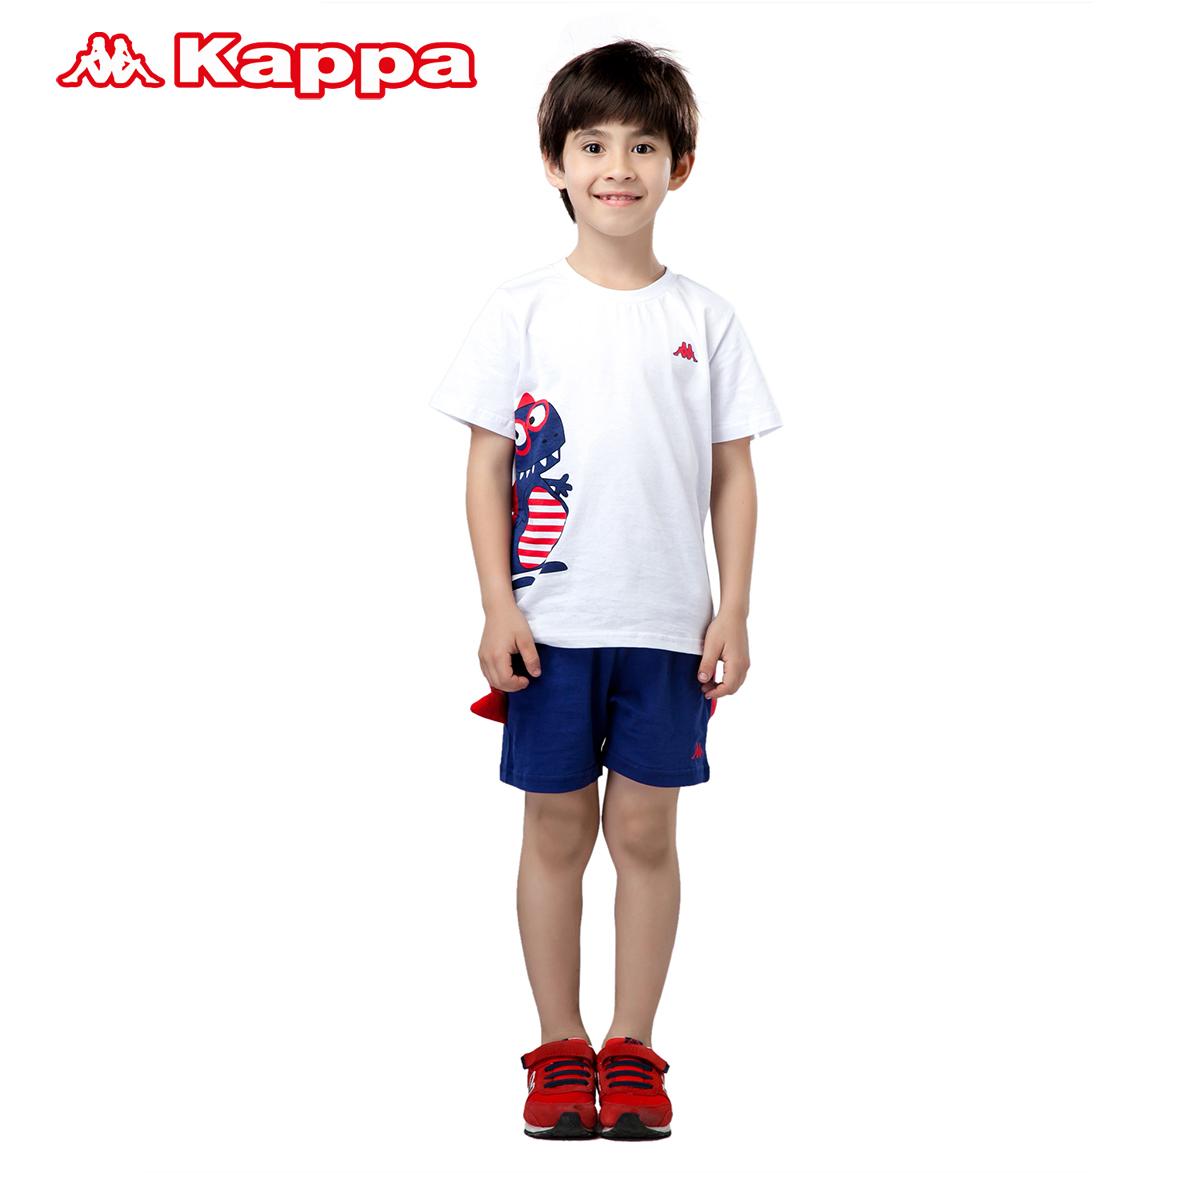 Kappakids童装 2015新品 男女儿童运动服短袖短裤套装|K05I2XL13